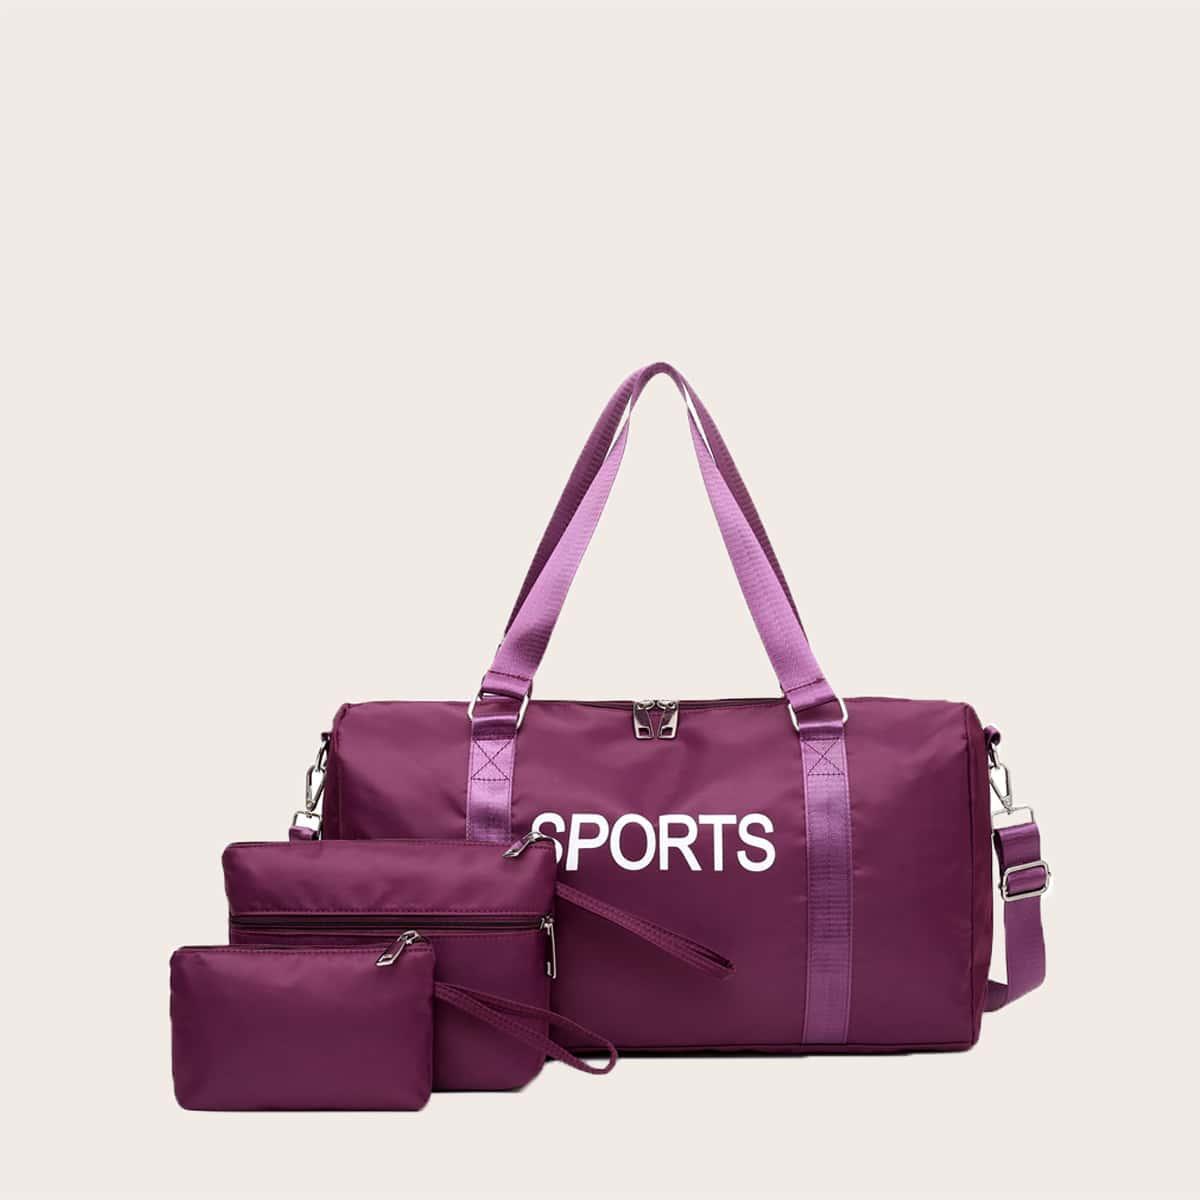 3шт сумка-бочонок с текстовым принтом и сумка-клатч